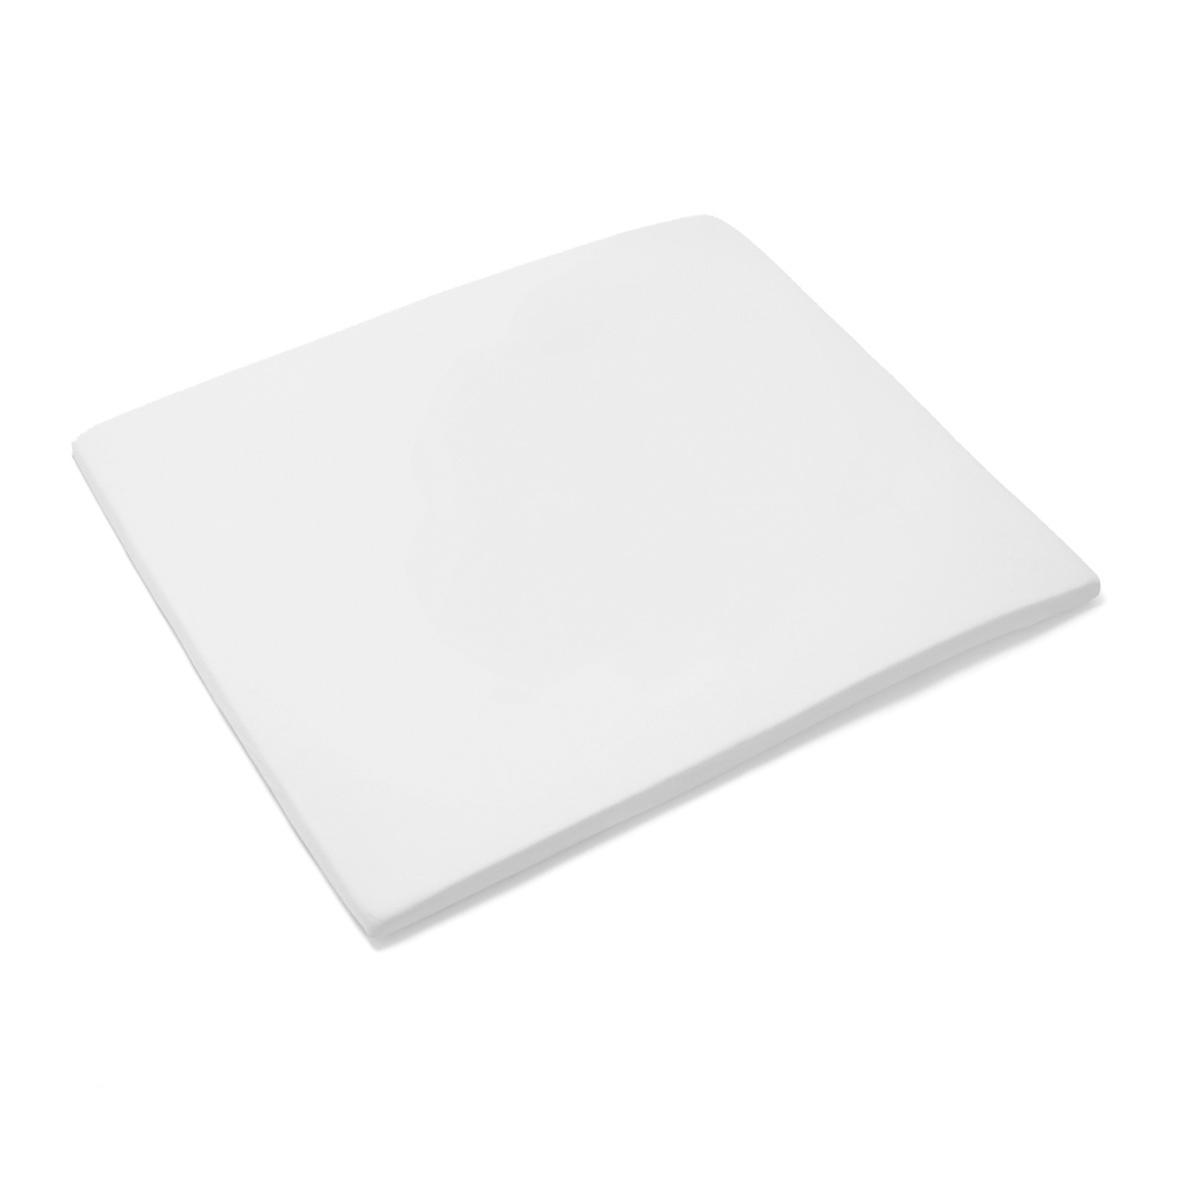 Spannbetttuch Jersey für Laufgittermatratze plume 75x95 cm